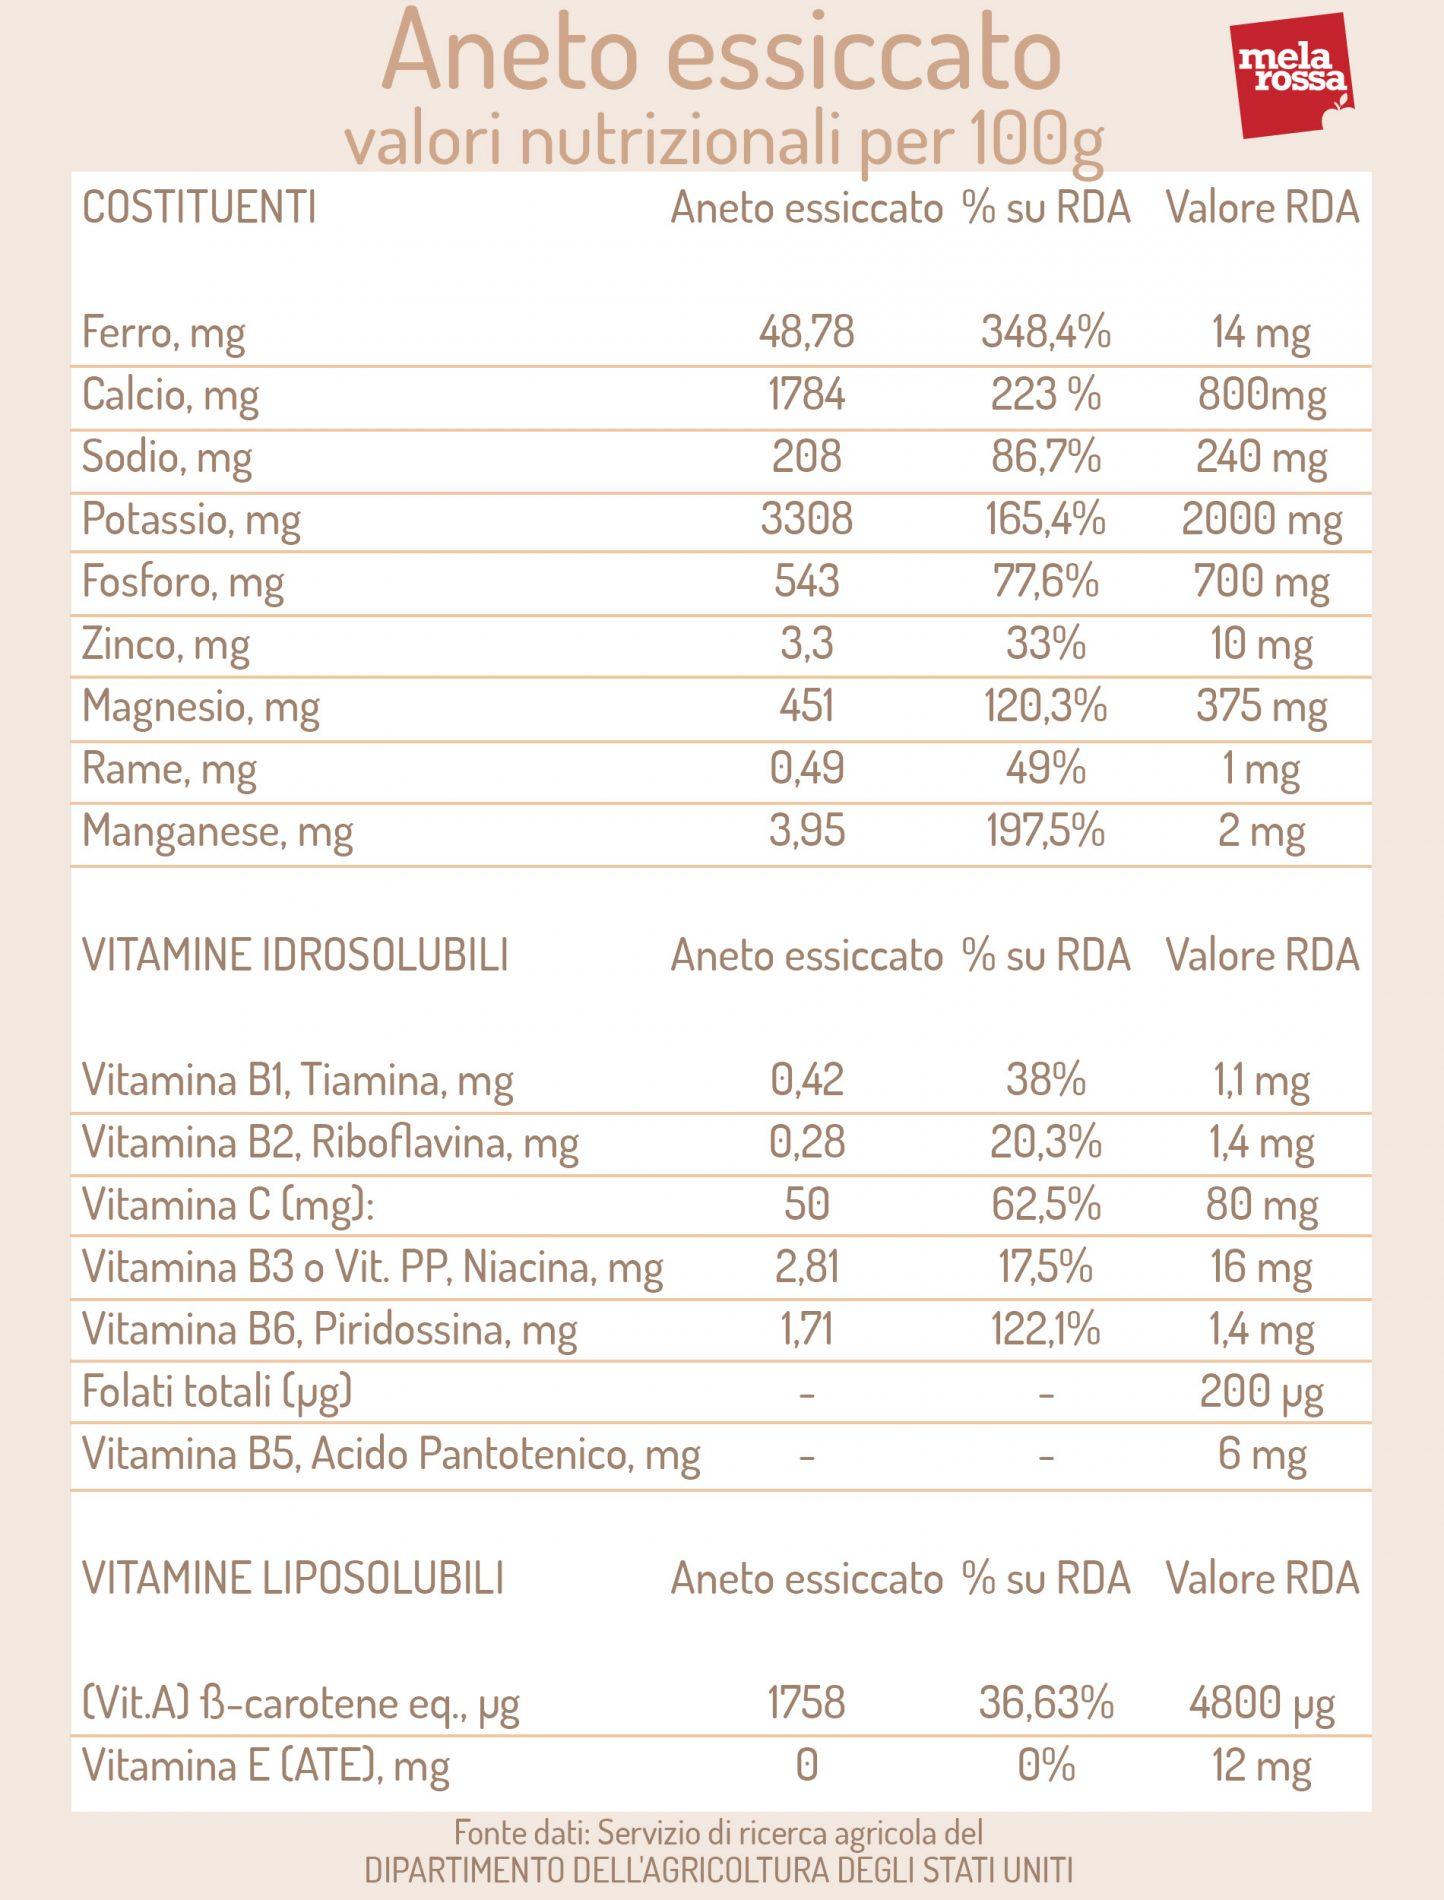 eneldo seco: valores nutricionales